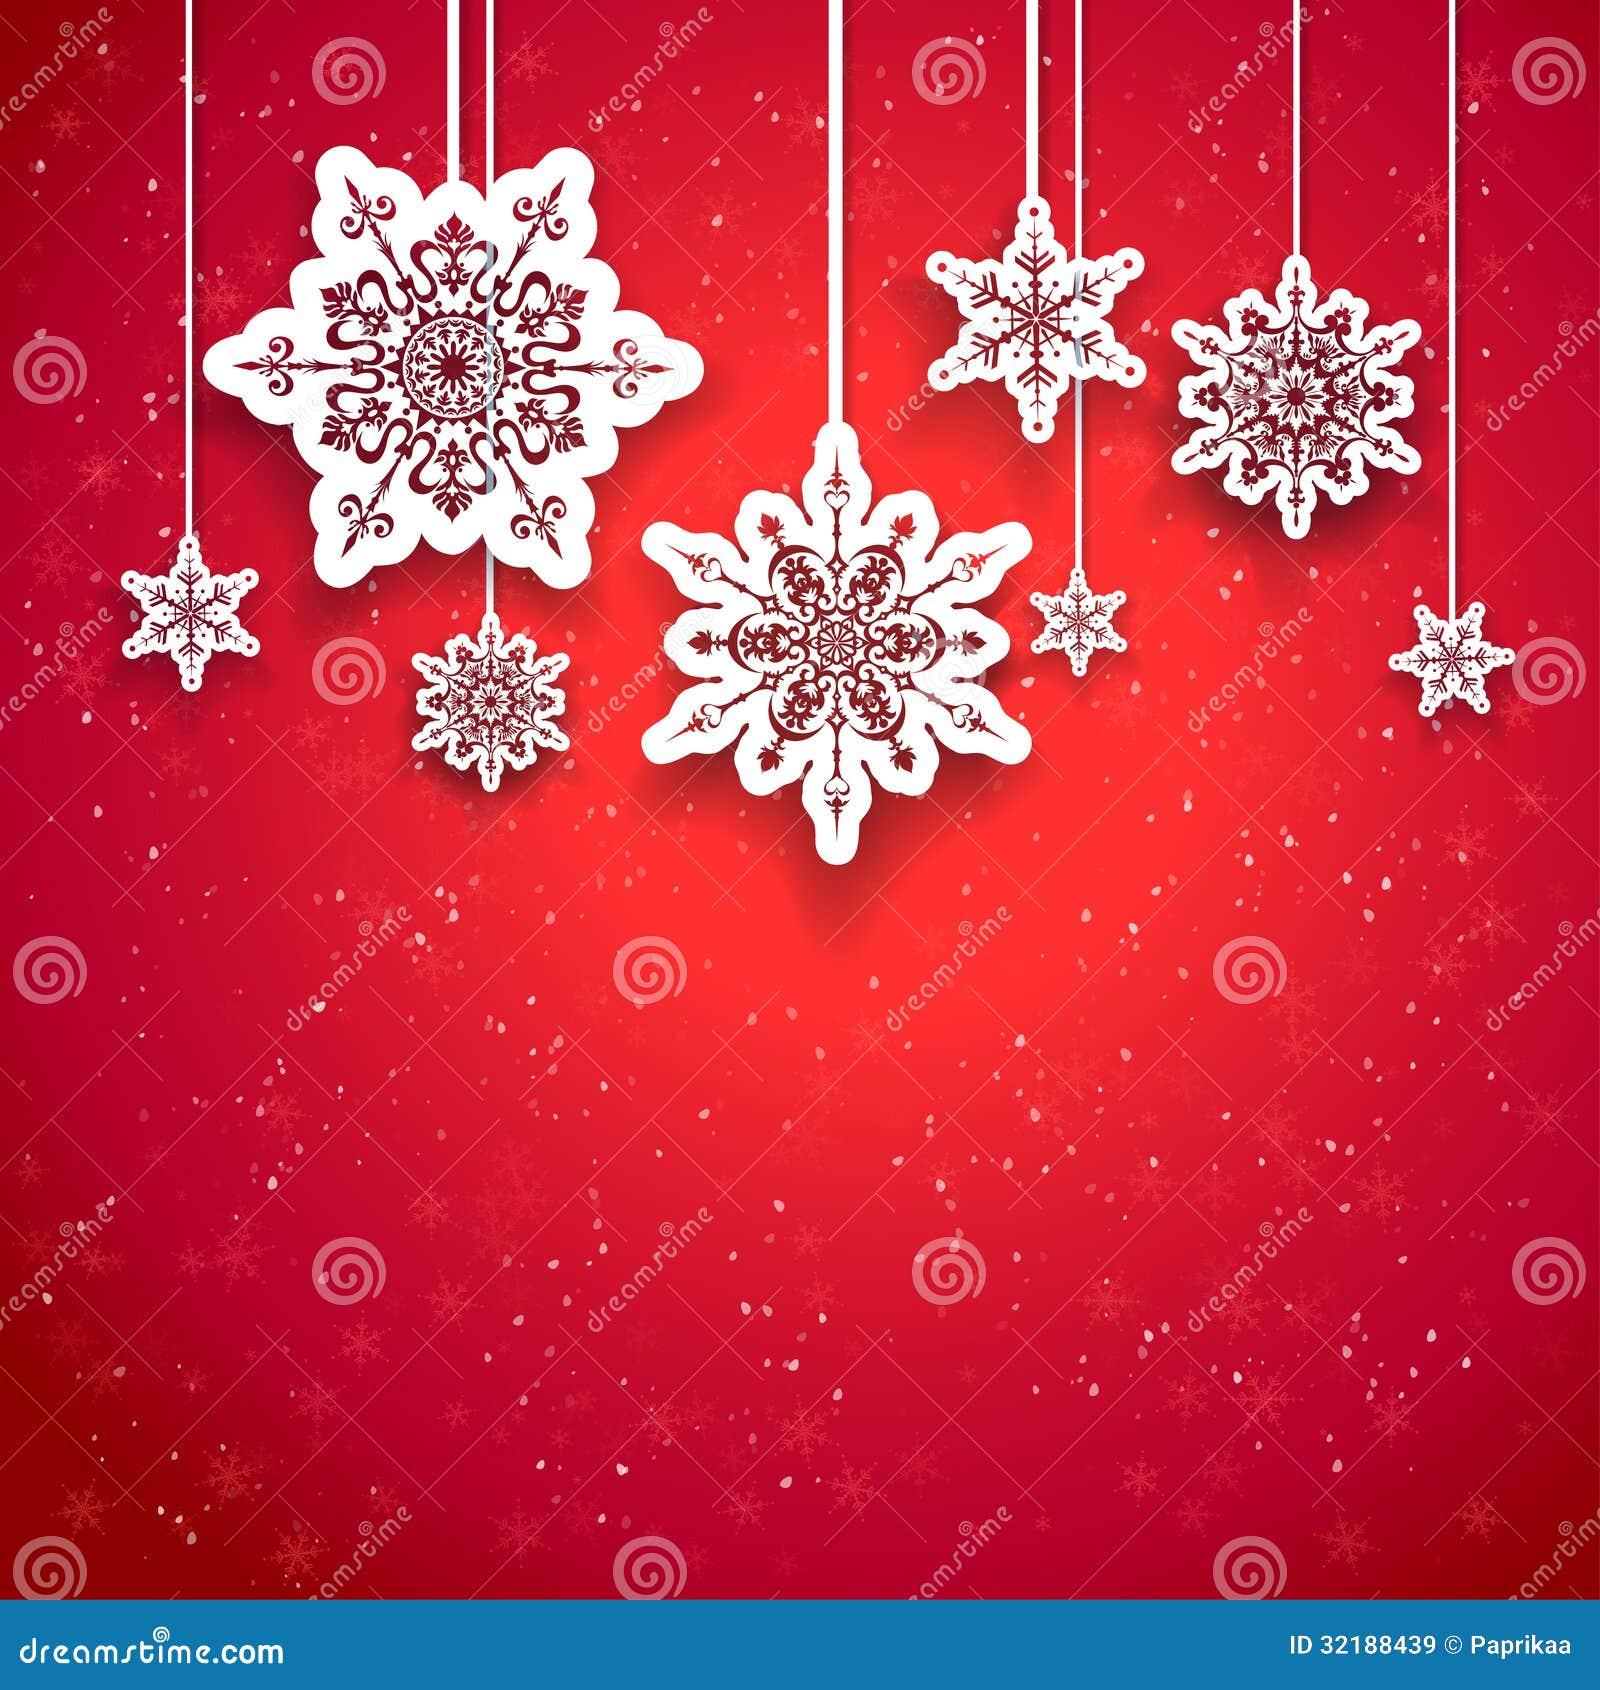 Rotes Weihnachtsdesign Lizenzfreie Stockbilder Bild